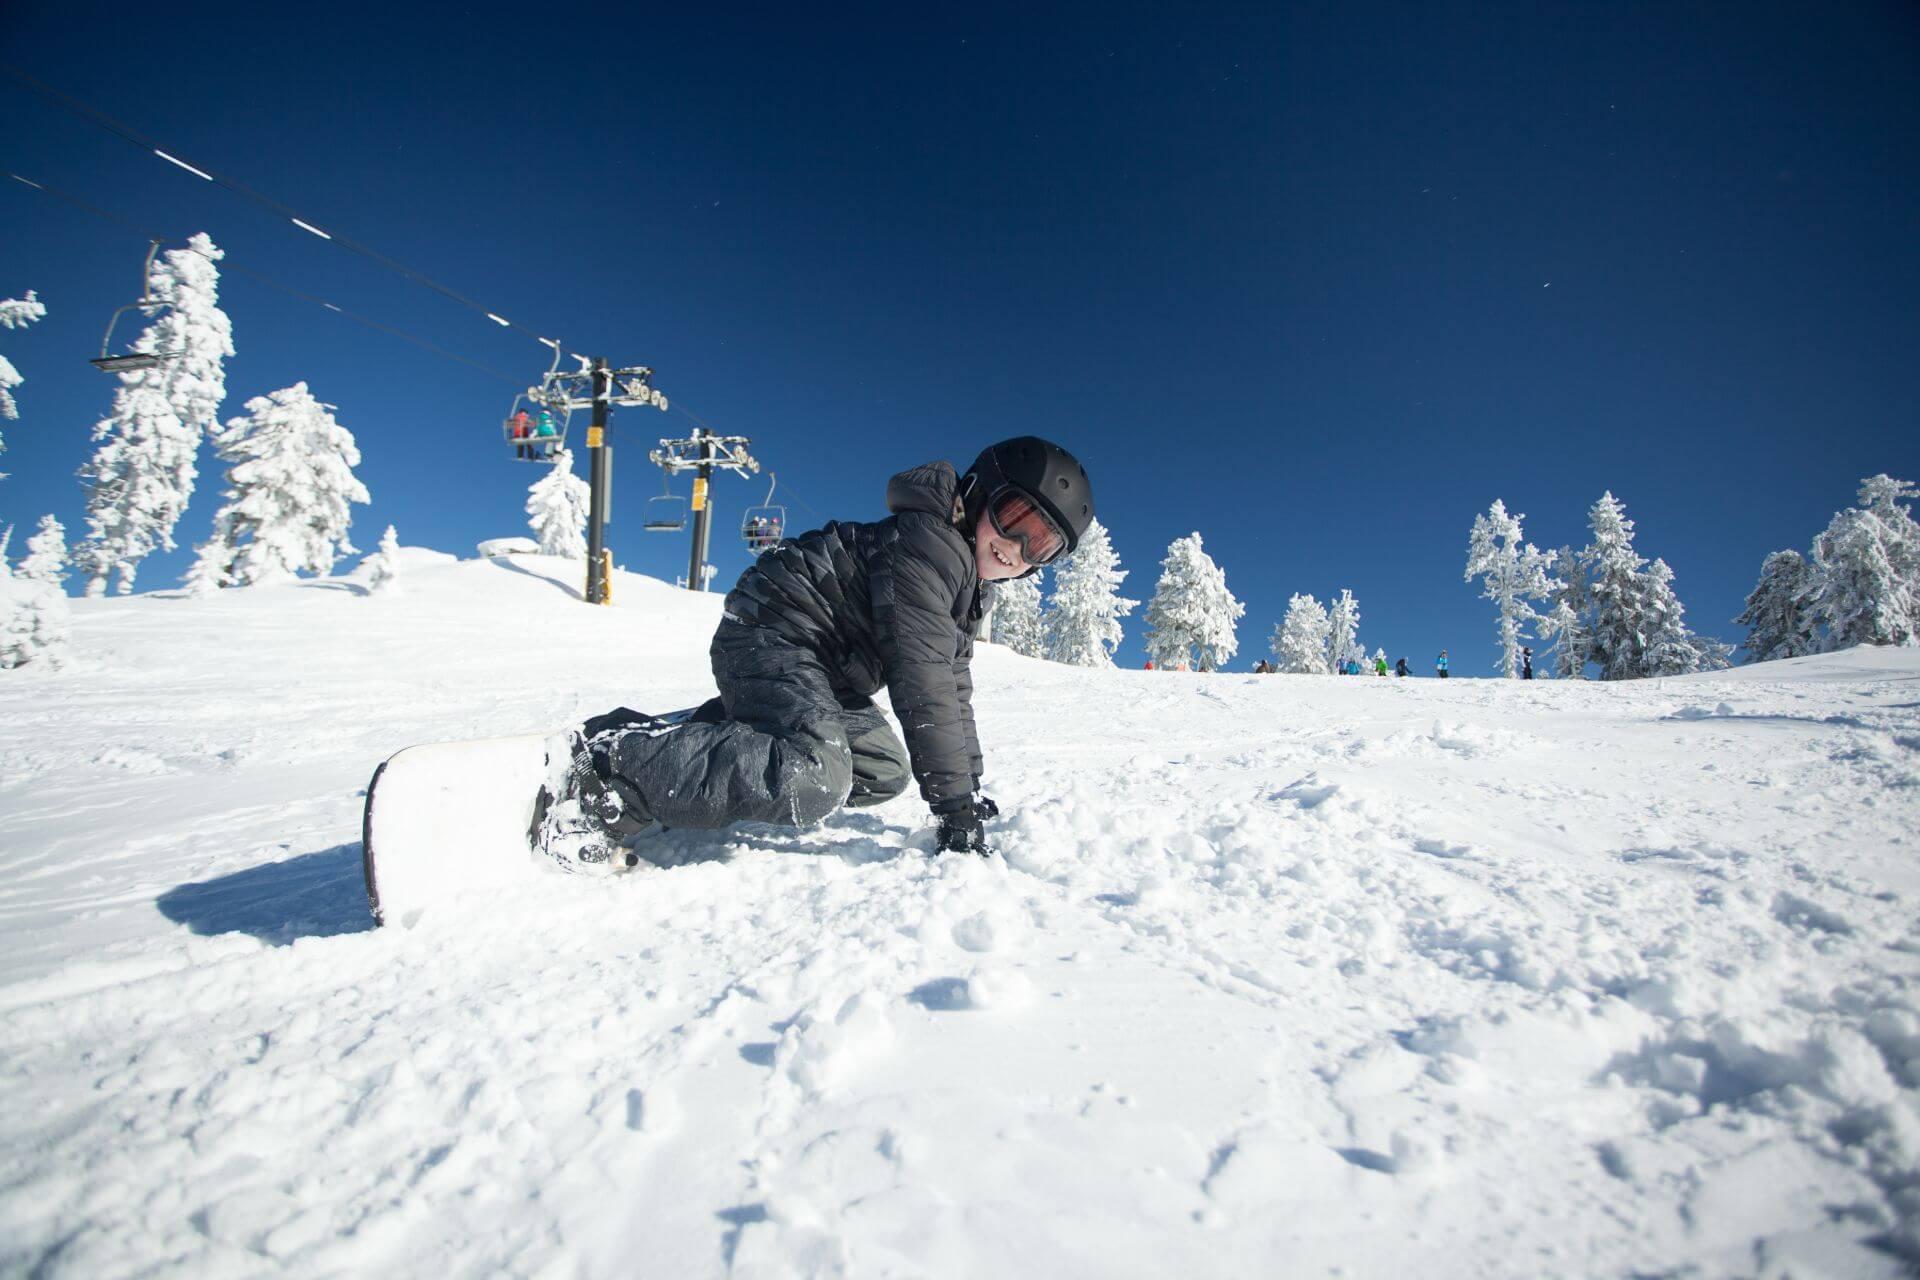 Mit dem Snowboard hinfallen und wieder aufstehen muss gut geübt sein.